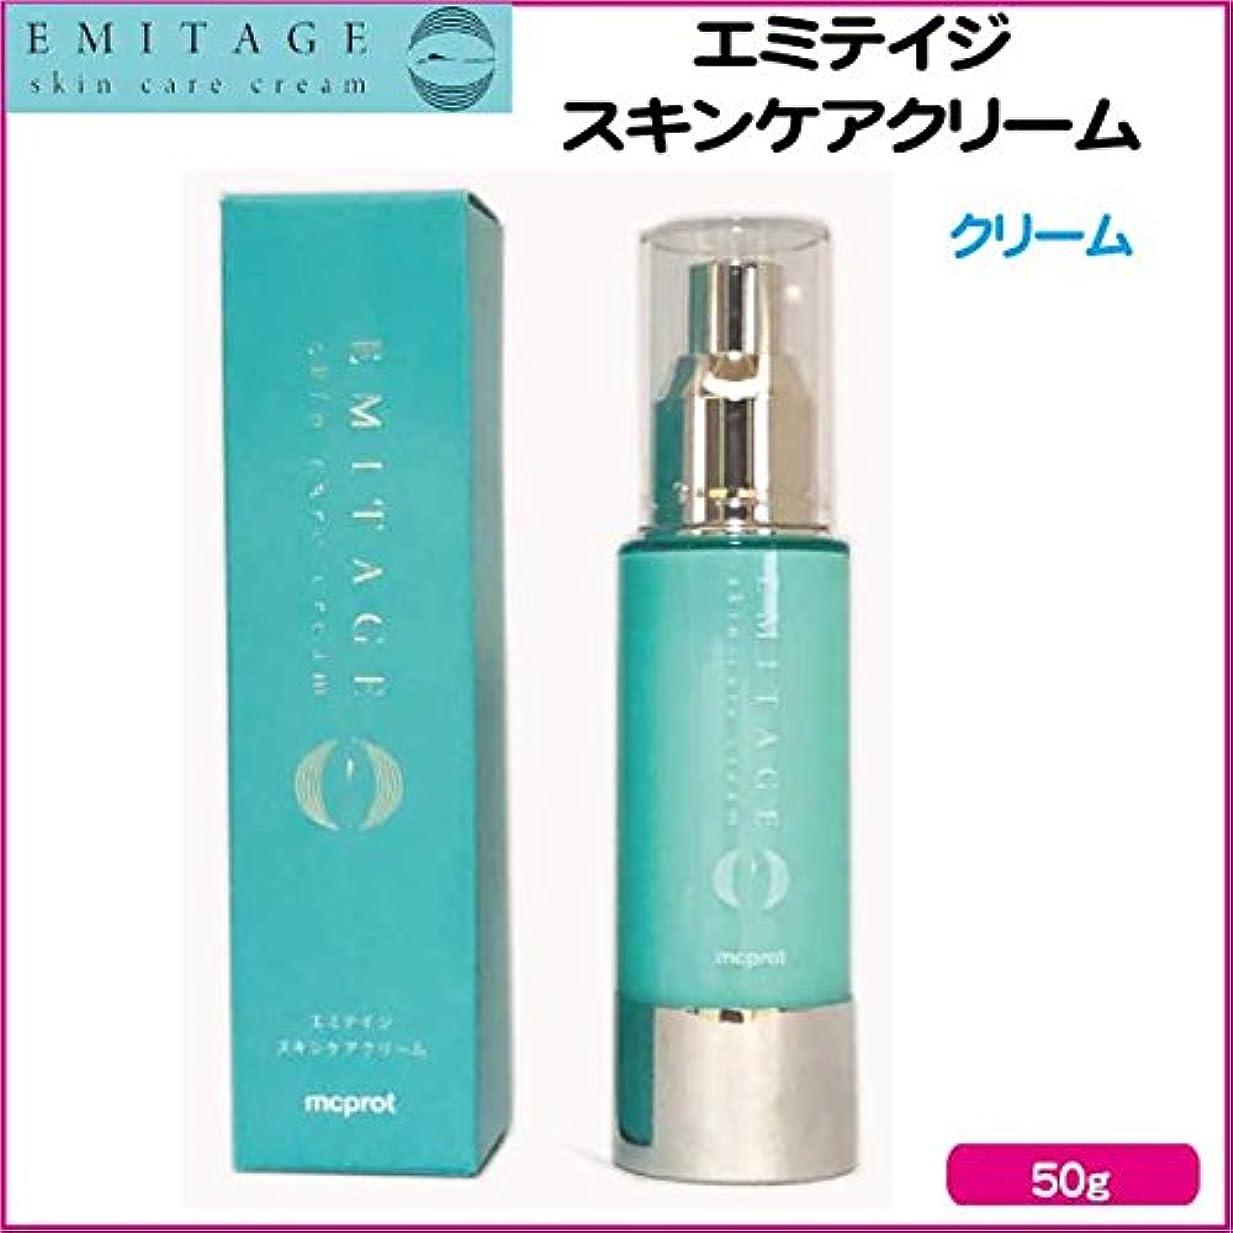 太字機構傑出した【クリーム】 EMITAGE skin care cream エミテイ スキンケア クリーム  50g 日本製